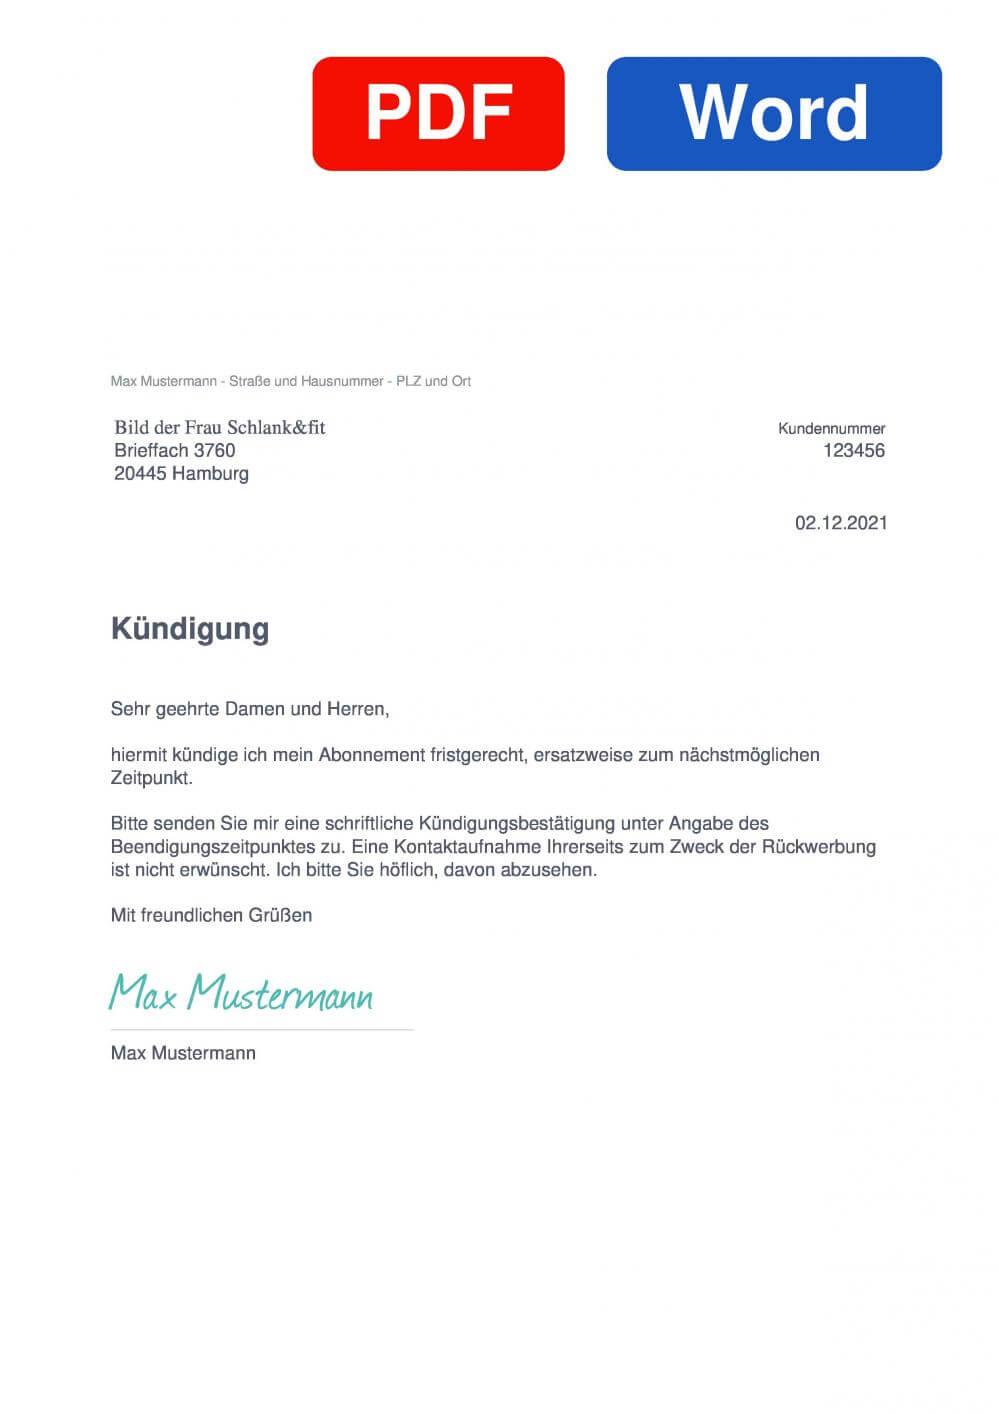 BILD der FRAU Schlank & fit Muster Vorlage für Kündigungsschreiben